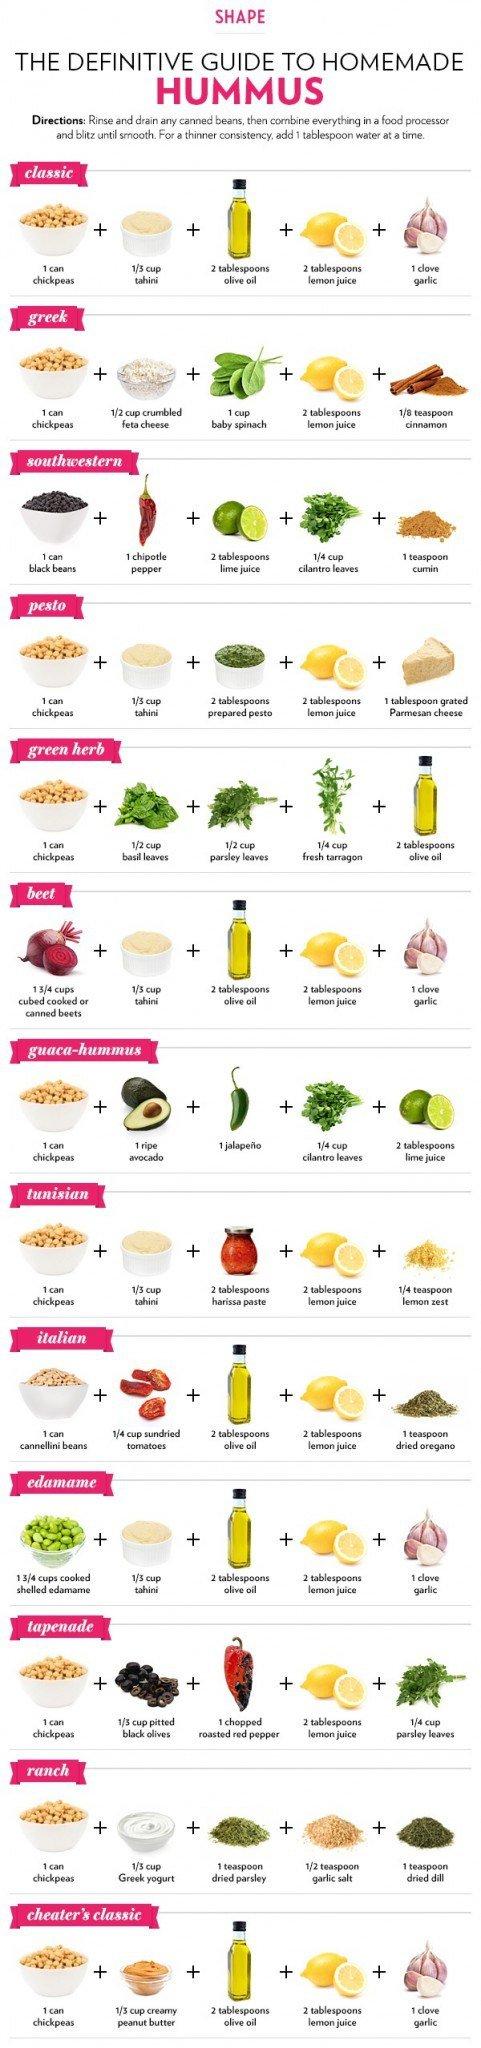 Оказывается хумус снижает риск рака на 50%! Вот 13 способов вкусно его приготовить!